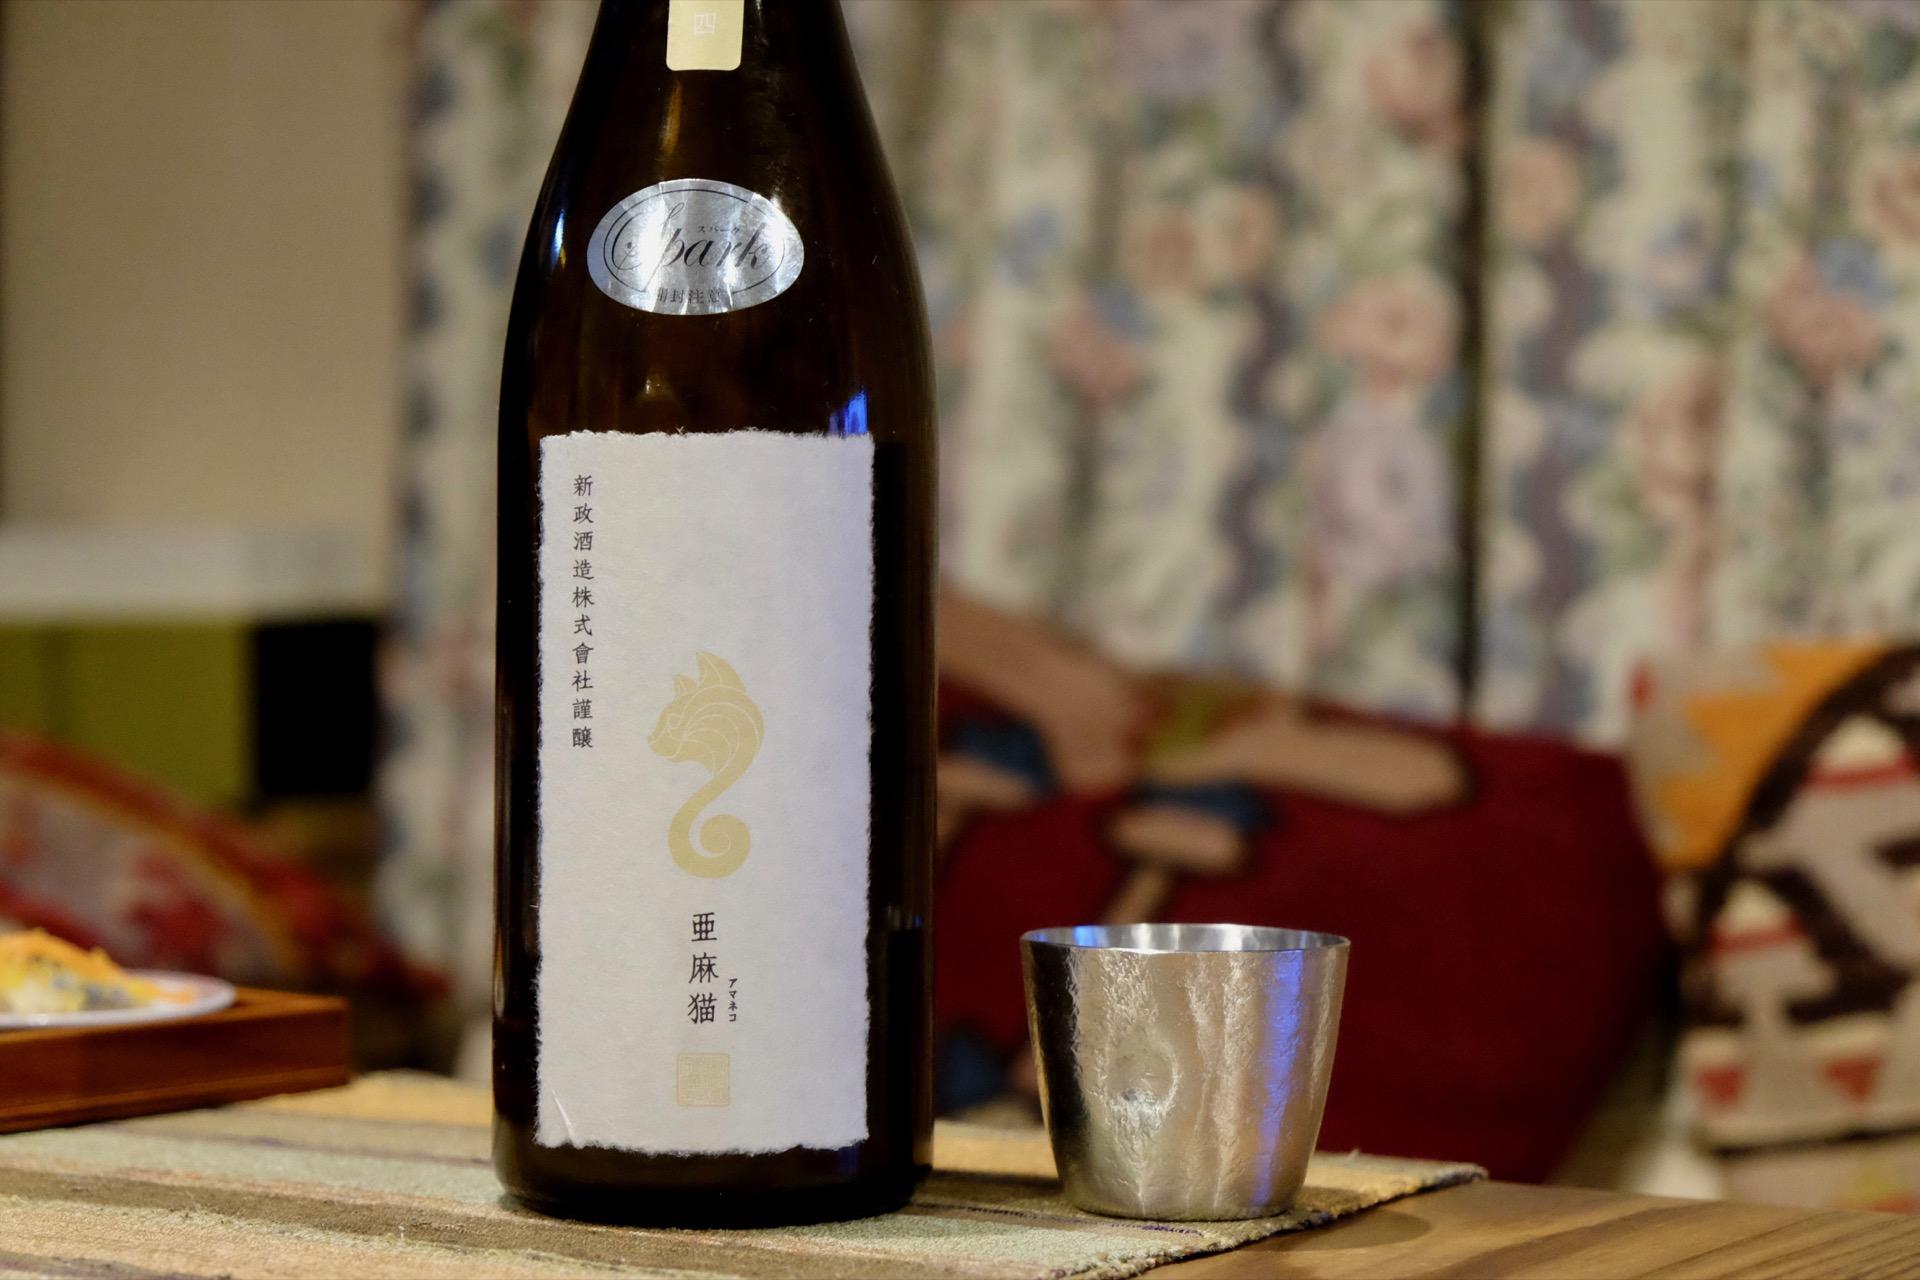 新政 亜麻猫 スパーク 日本酒テイスティングノート